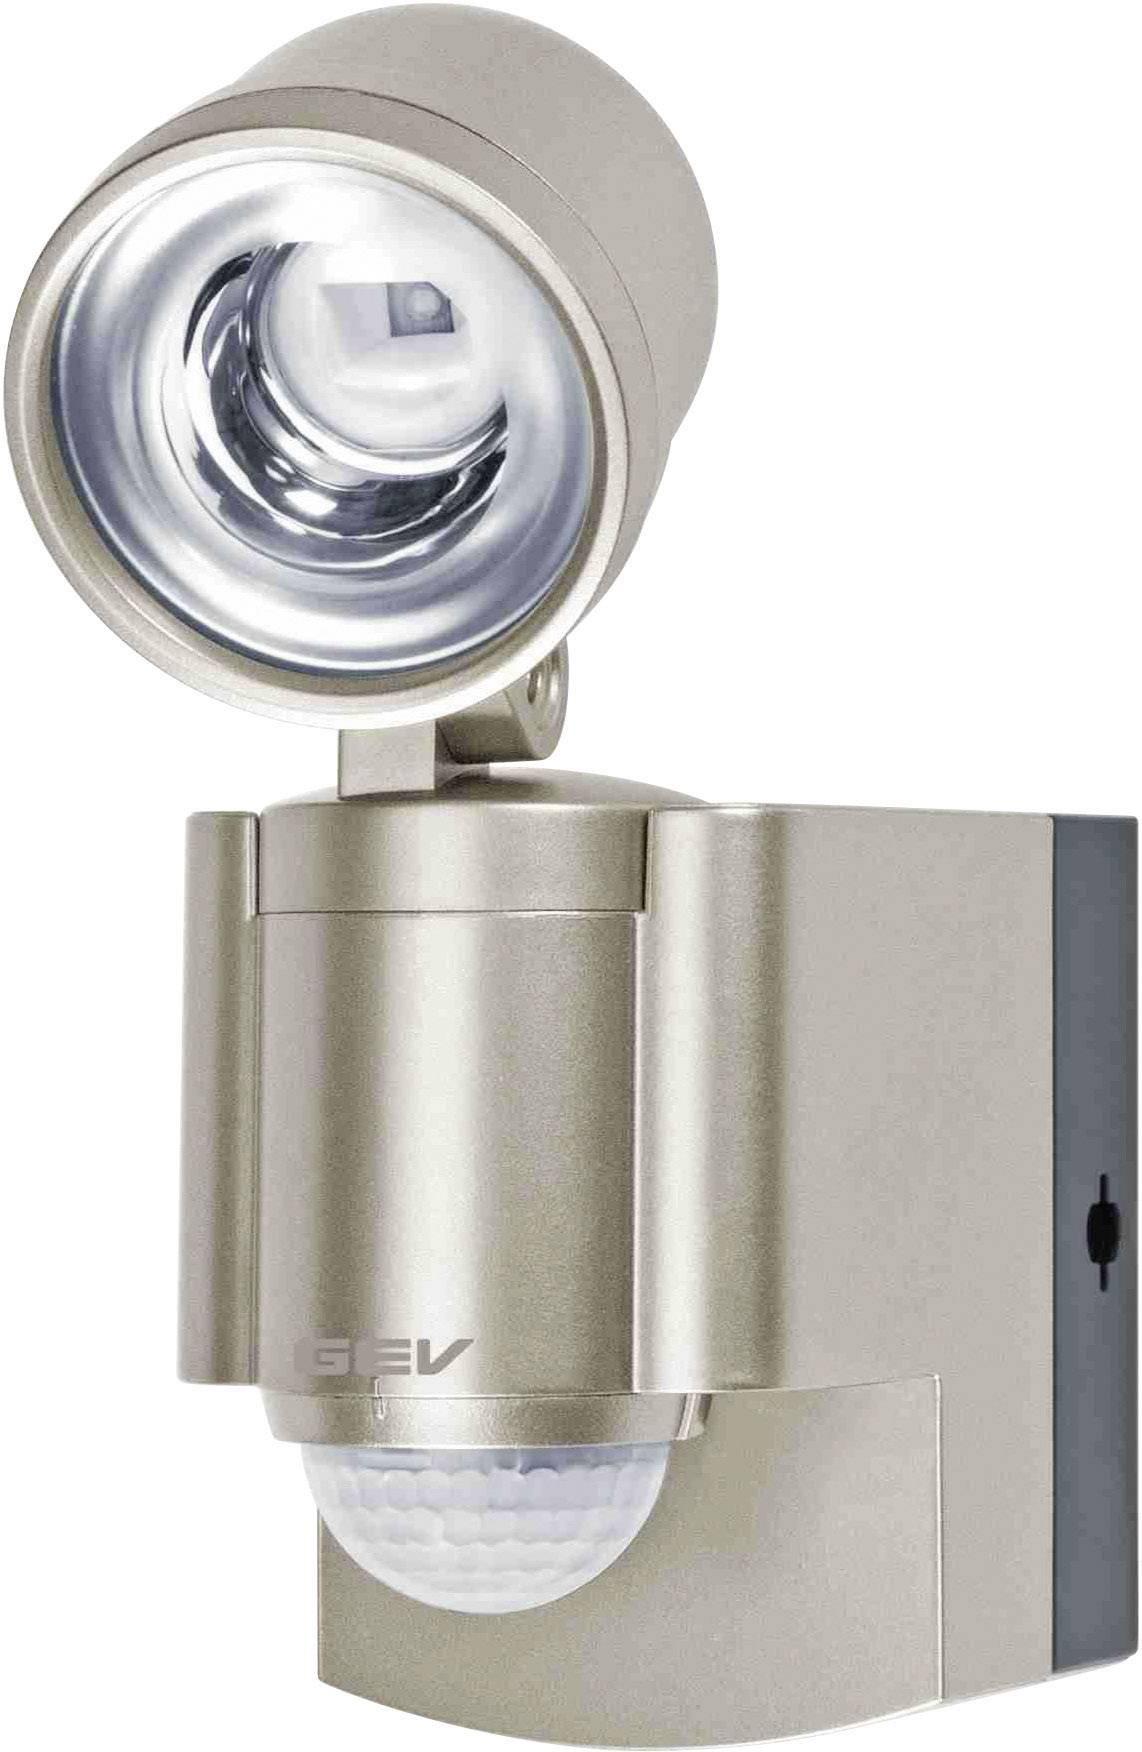 LEDvonkajšieosvetlenie s PIR senzorom GEV LLL 14800 014800, 3 W, neutrálne biela, champagne